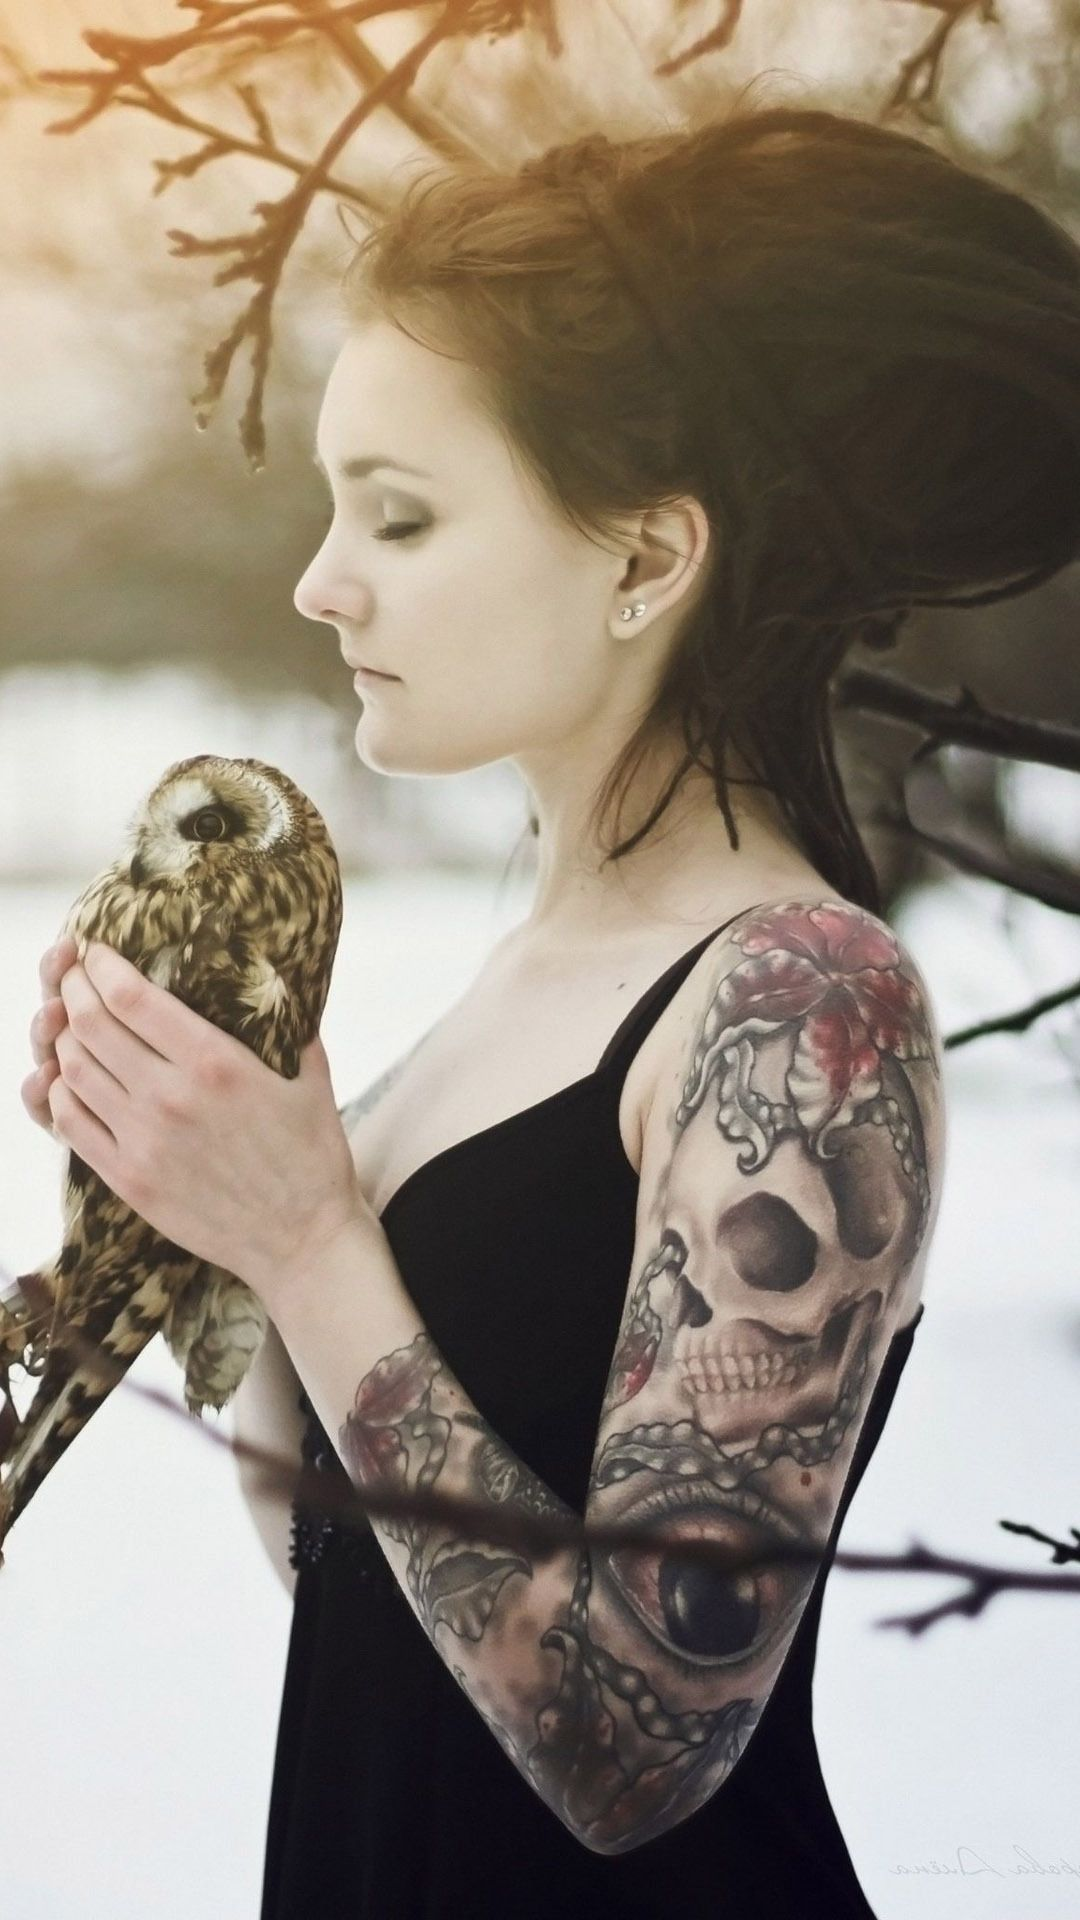 Tattooed Rasta Girl Holding An Owl Mobile Wallpaper 13416 Arm